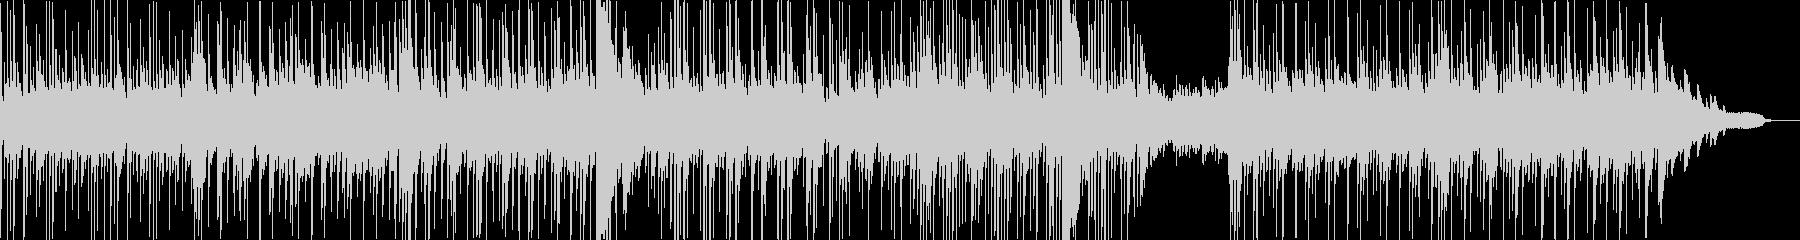 ピアノが響く現代的・都会的なサスペンス曲の未再生の波形